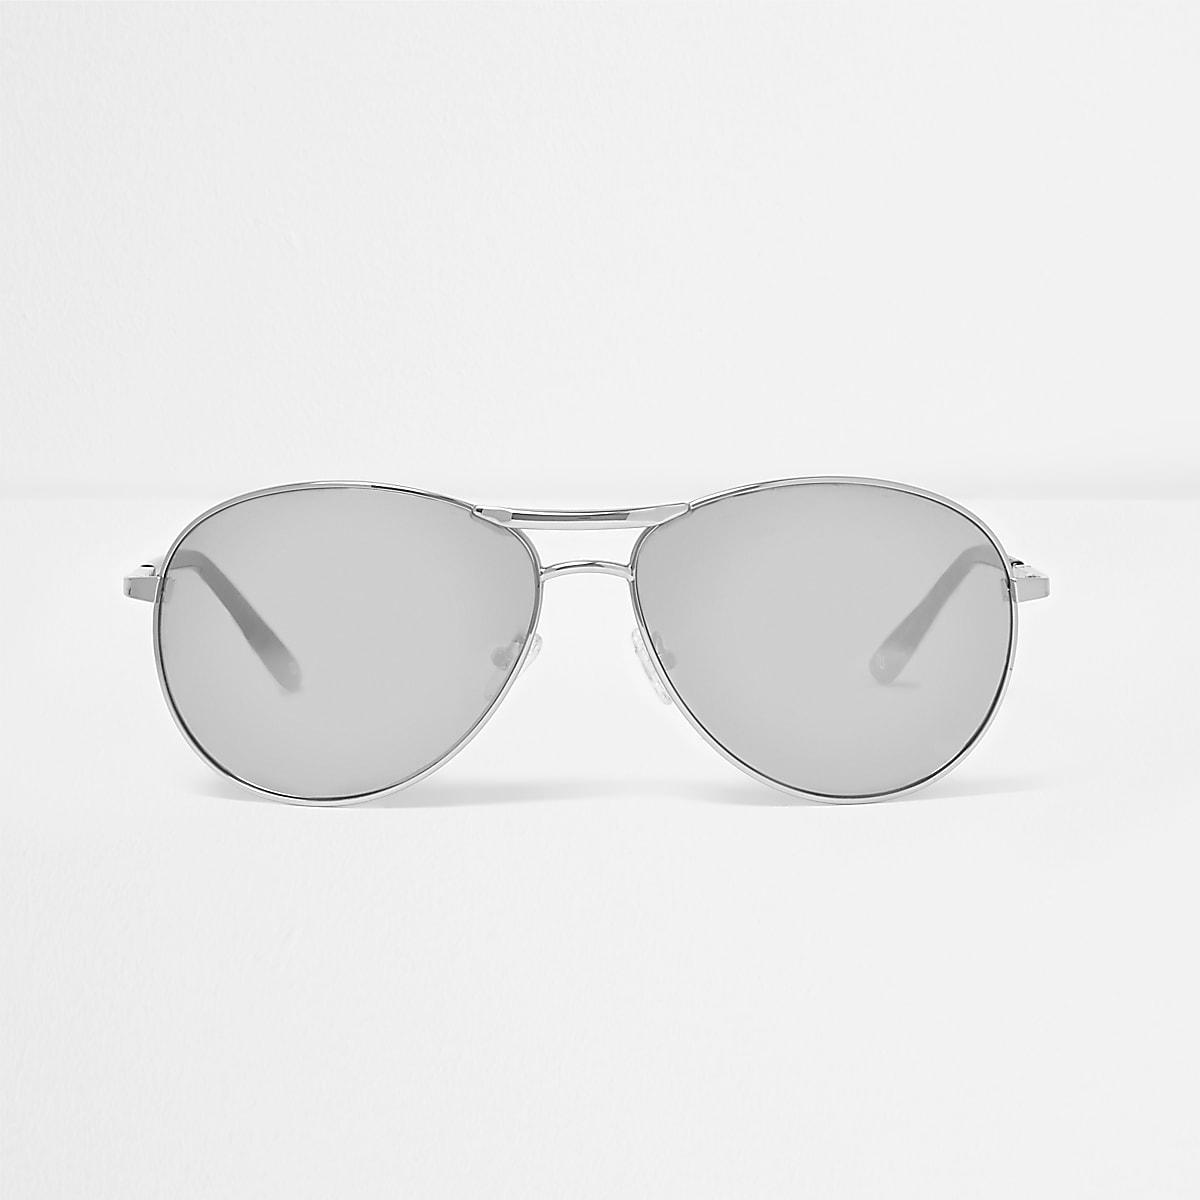 Silver mirror aviator sunglasses